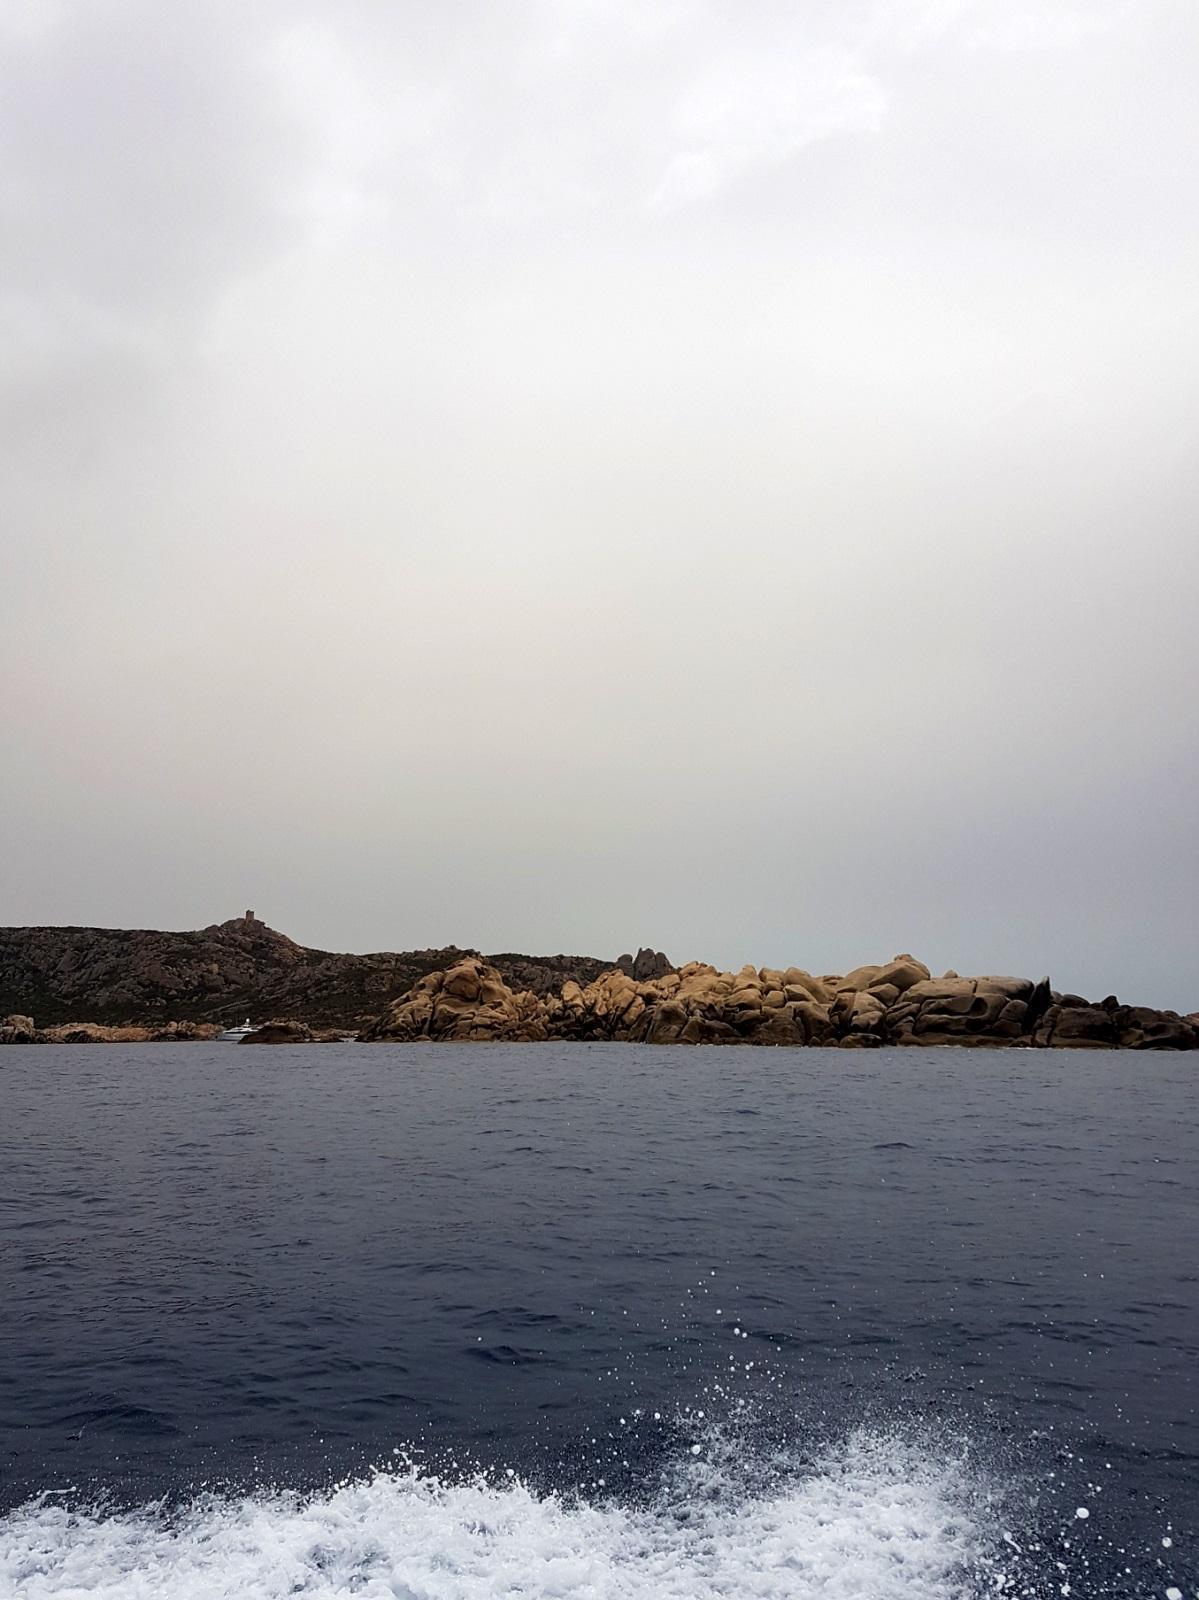 10 Août 2021 – Propriano – Cala de Roccapina dans 2021: Balades et traversée vers la Corse